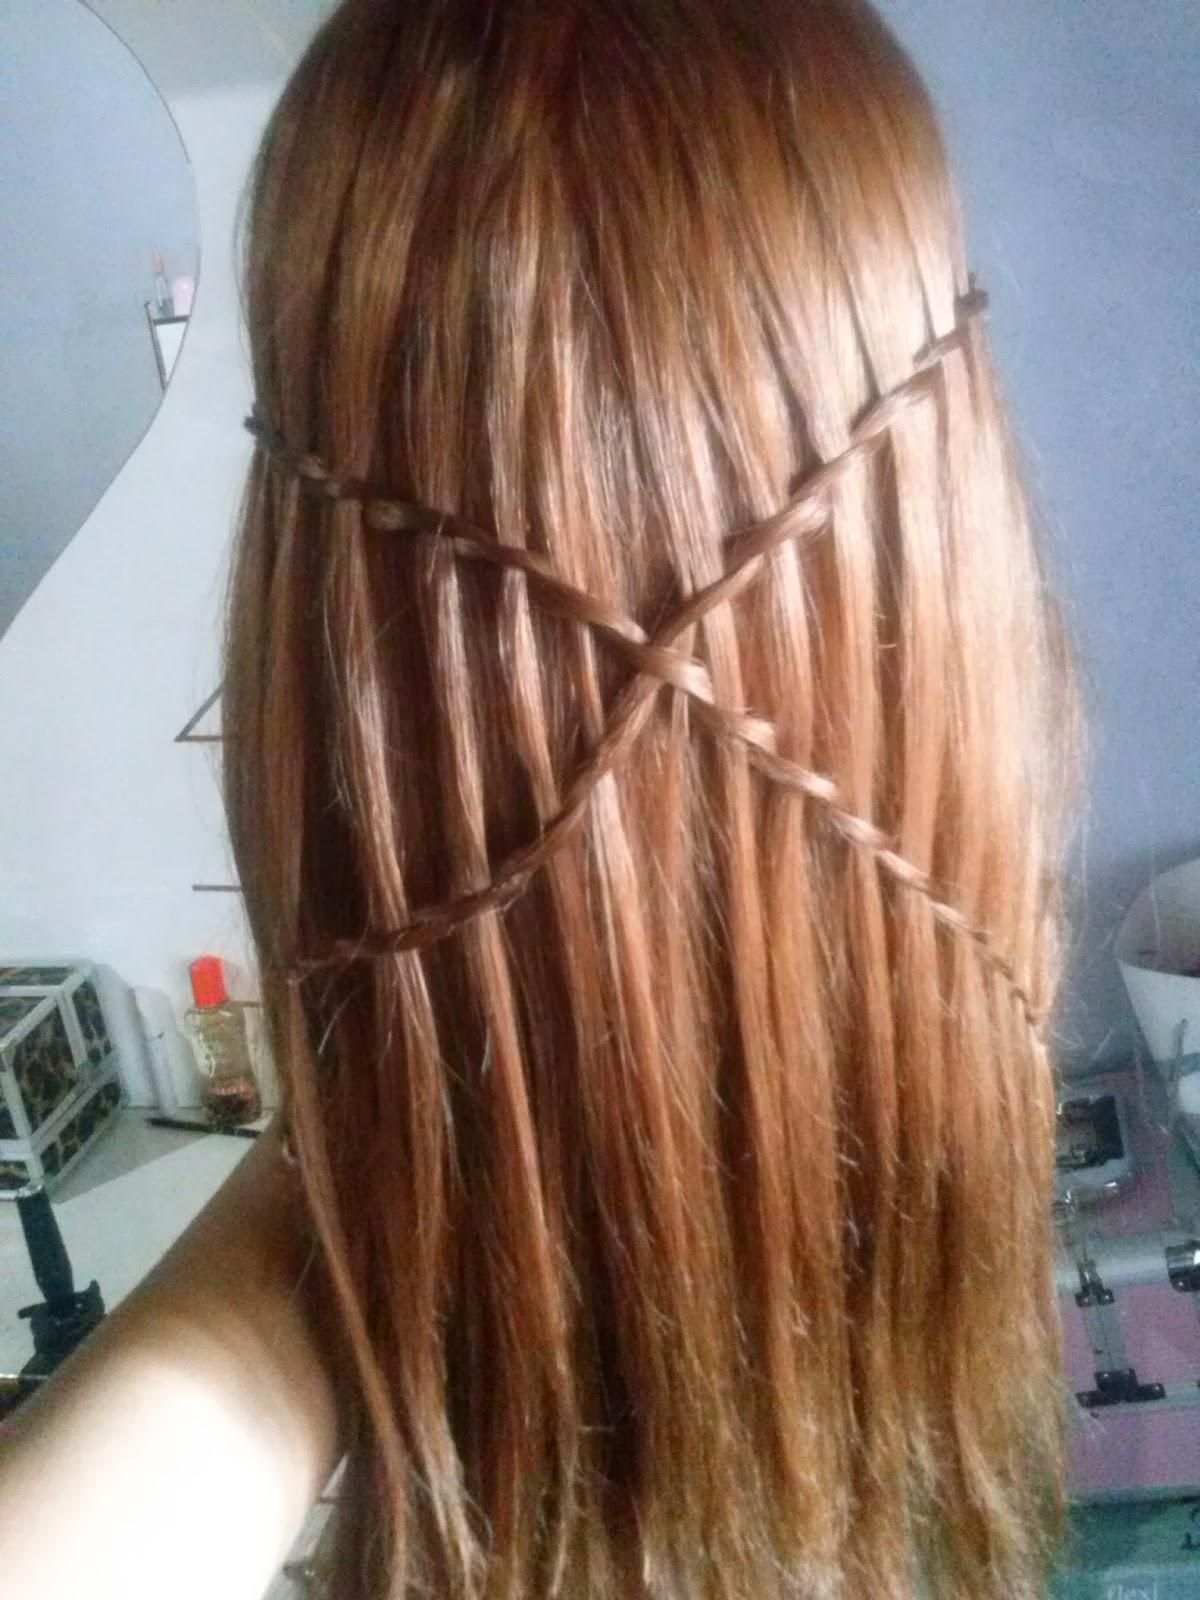 Peinados Con Trenzas Para Cabello Corto Elainacortez